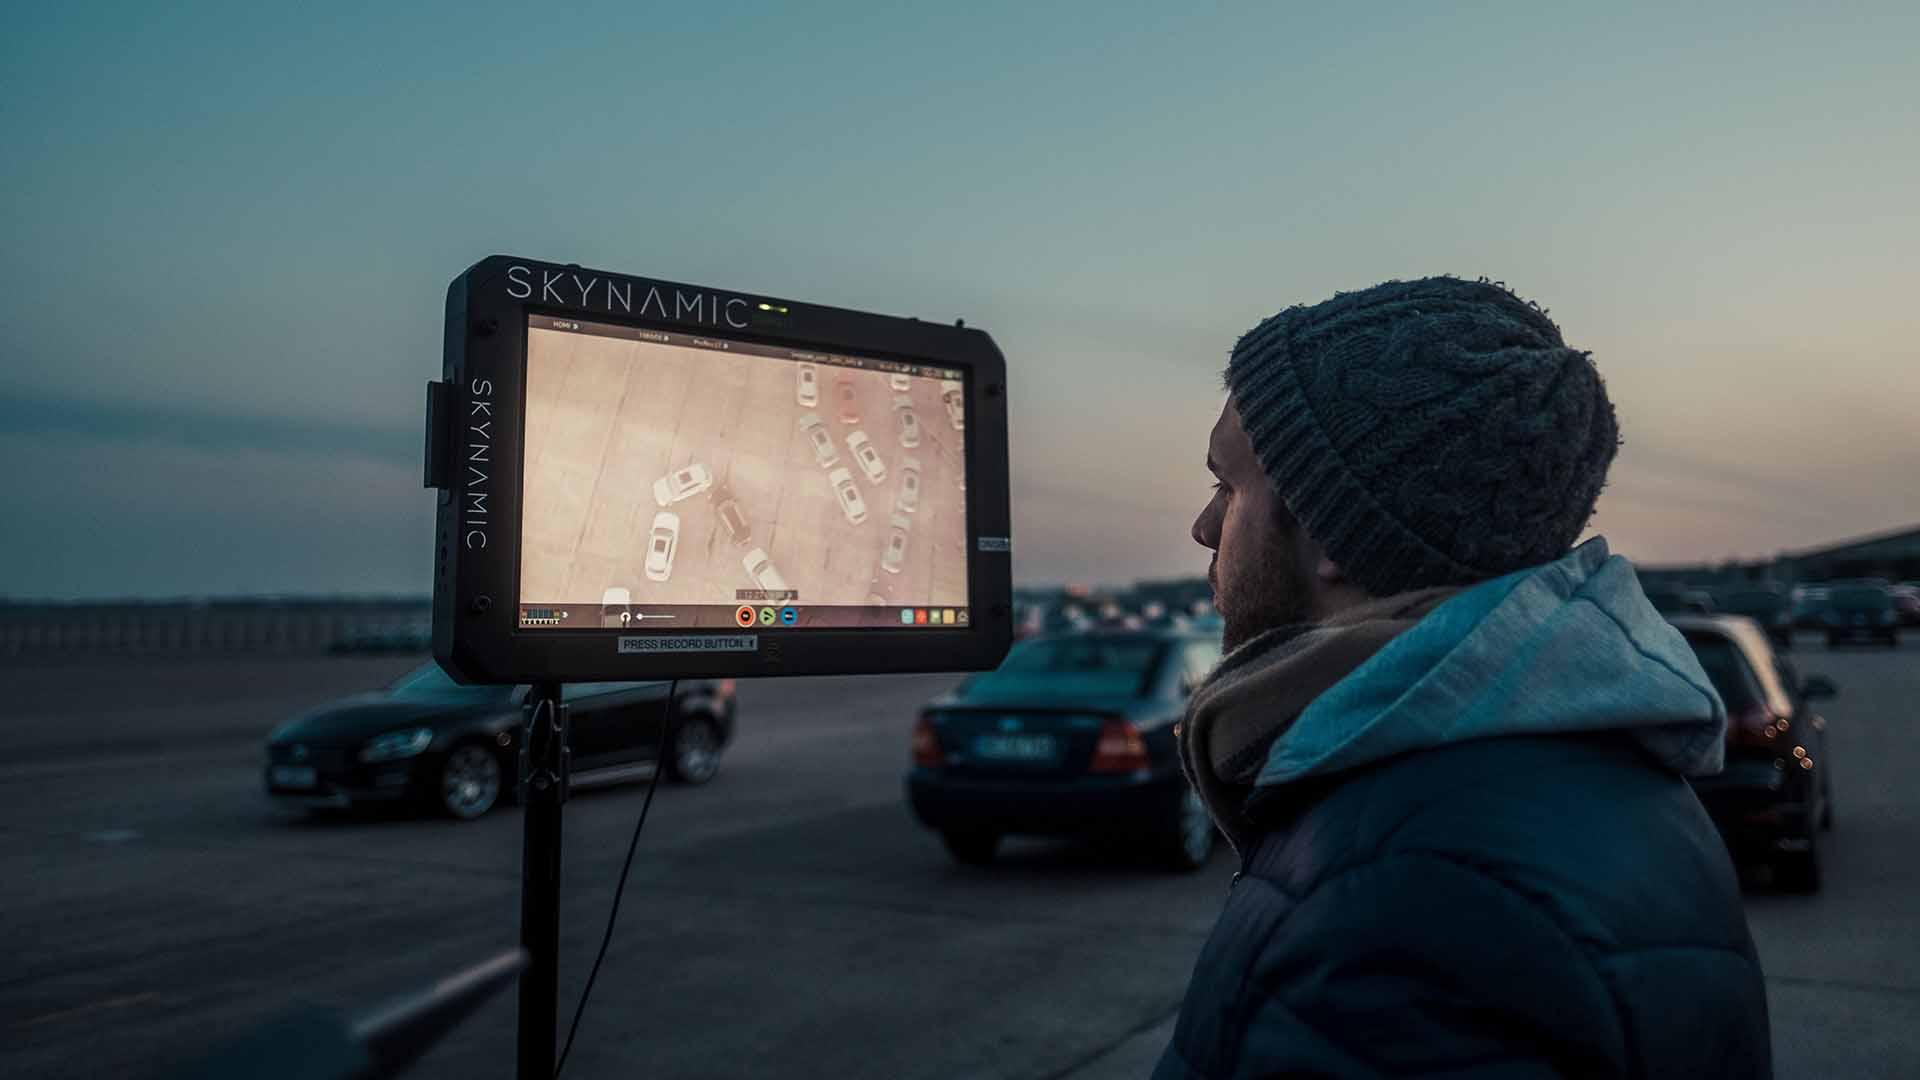 Das Bild zeigt einen Monitor auf dem viele Audi e-trons herumfahren. Vor dem Bildschirm steht ein Mann, der diesen konzentriert beobachtet. Er trägt eine Mütze. Hinter dem Monitor sieht man die Autos, die auf diesem abgebildet werden, herumfahren. Das Bild dient als Sliderbild für den Portfolioeintrag Audi | Electrifying Berlinale von Panda Pictures.